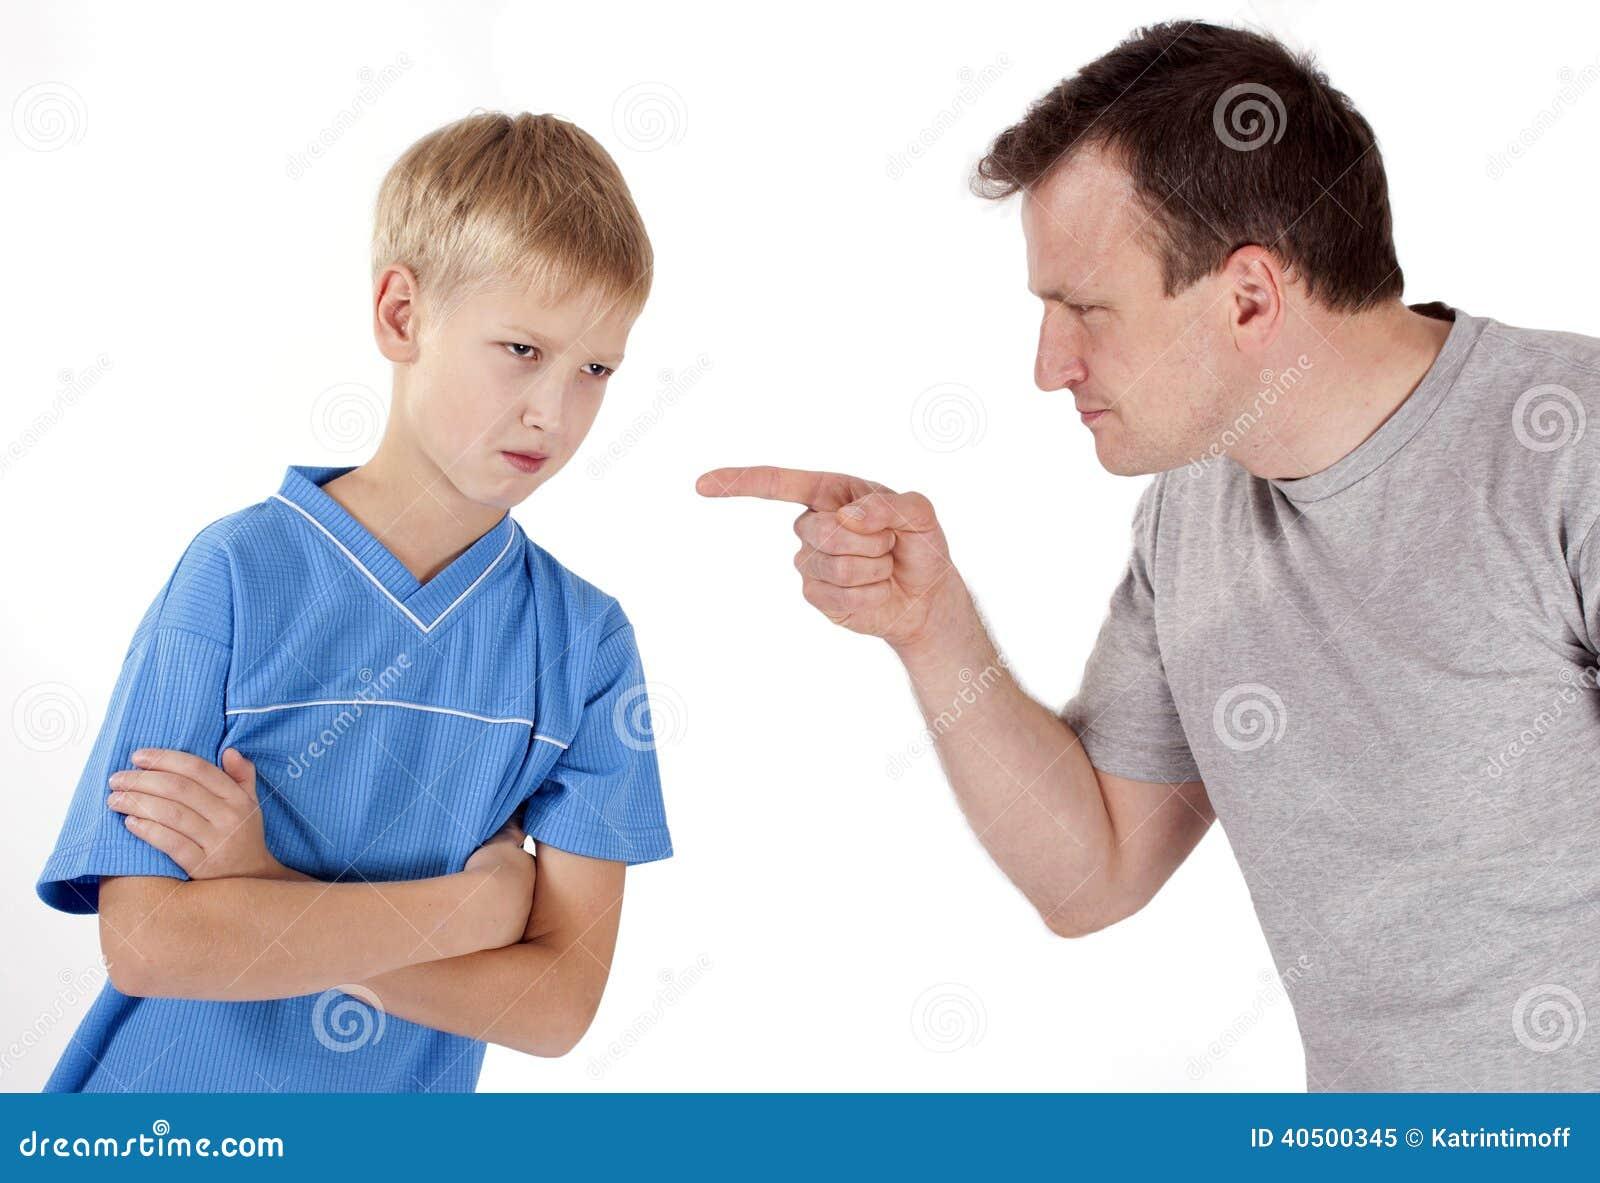 выбора сын 4 года раздражает эффективное